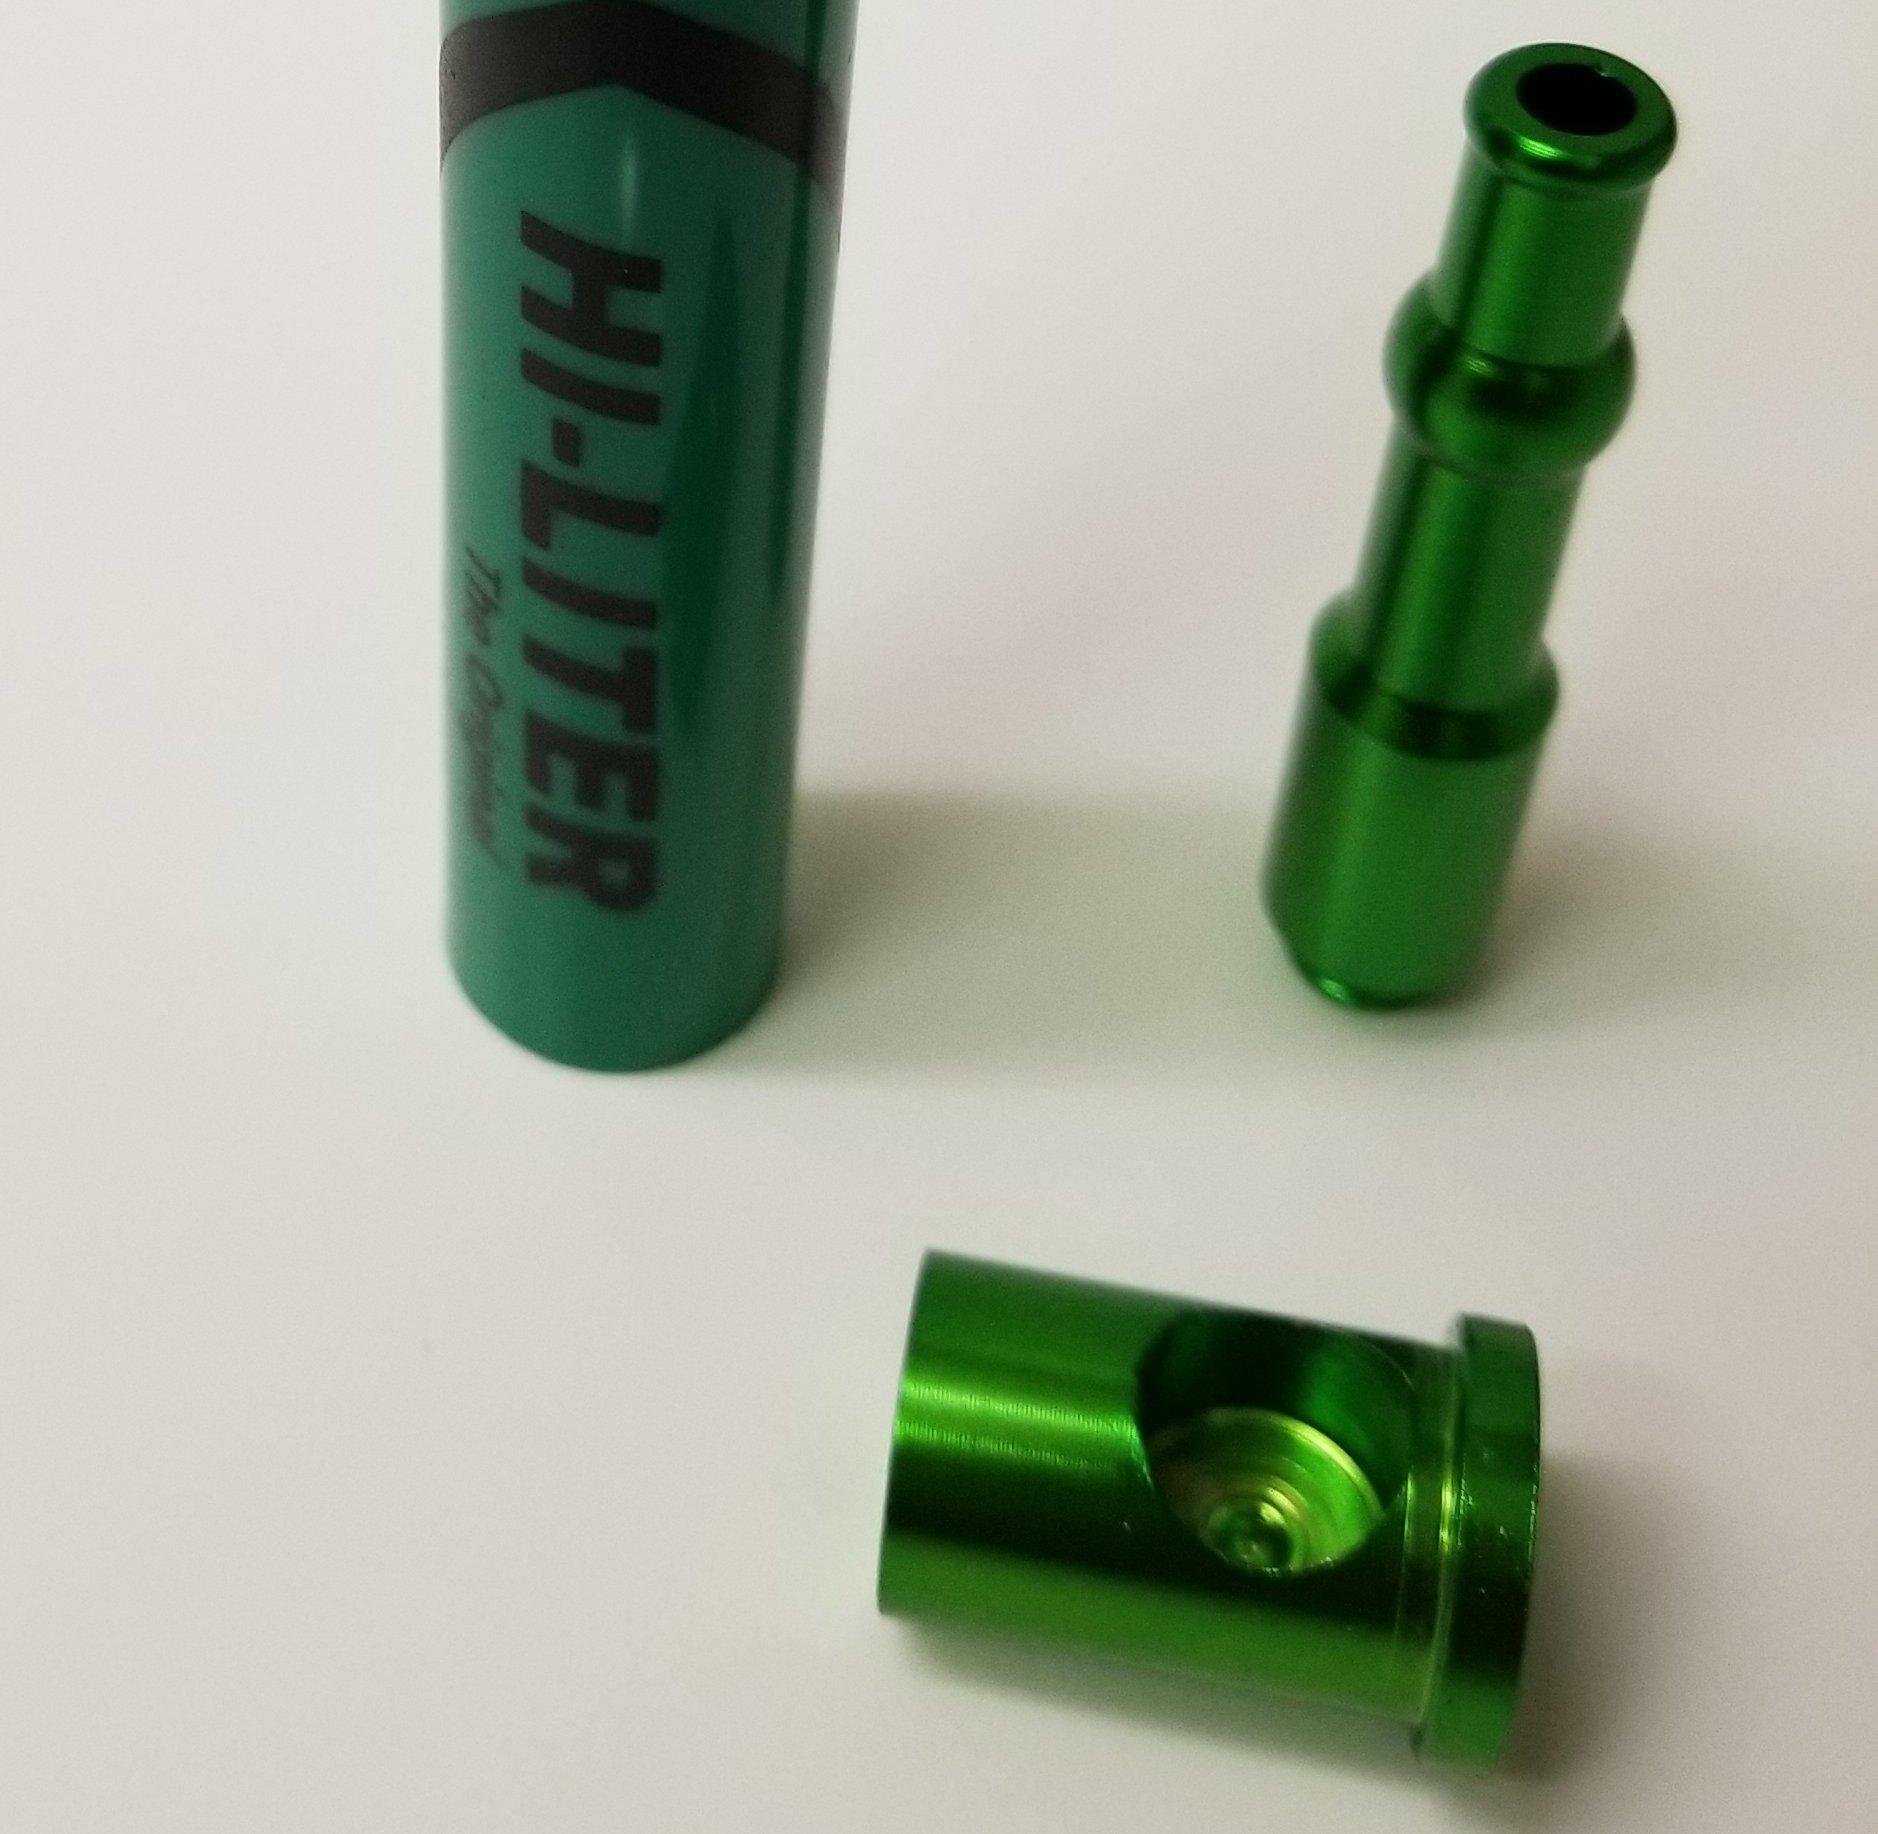 420 HI-LITER Marker pen diversion safe - decoy stash with piping (BLUE)